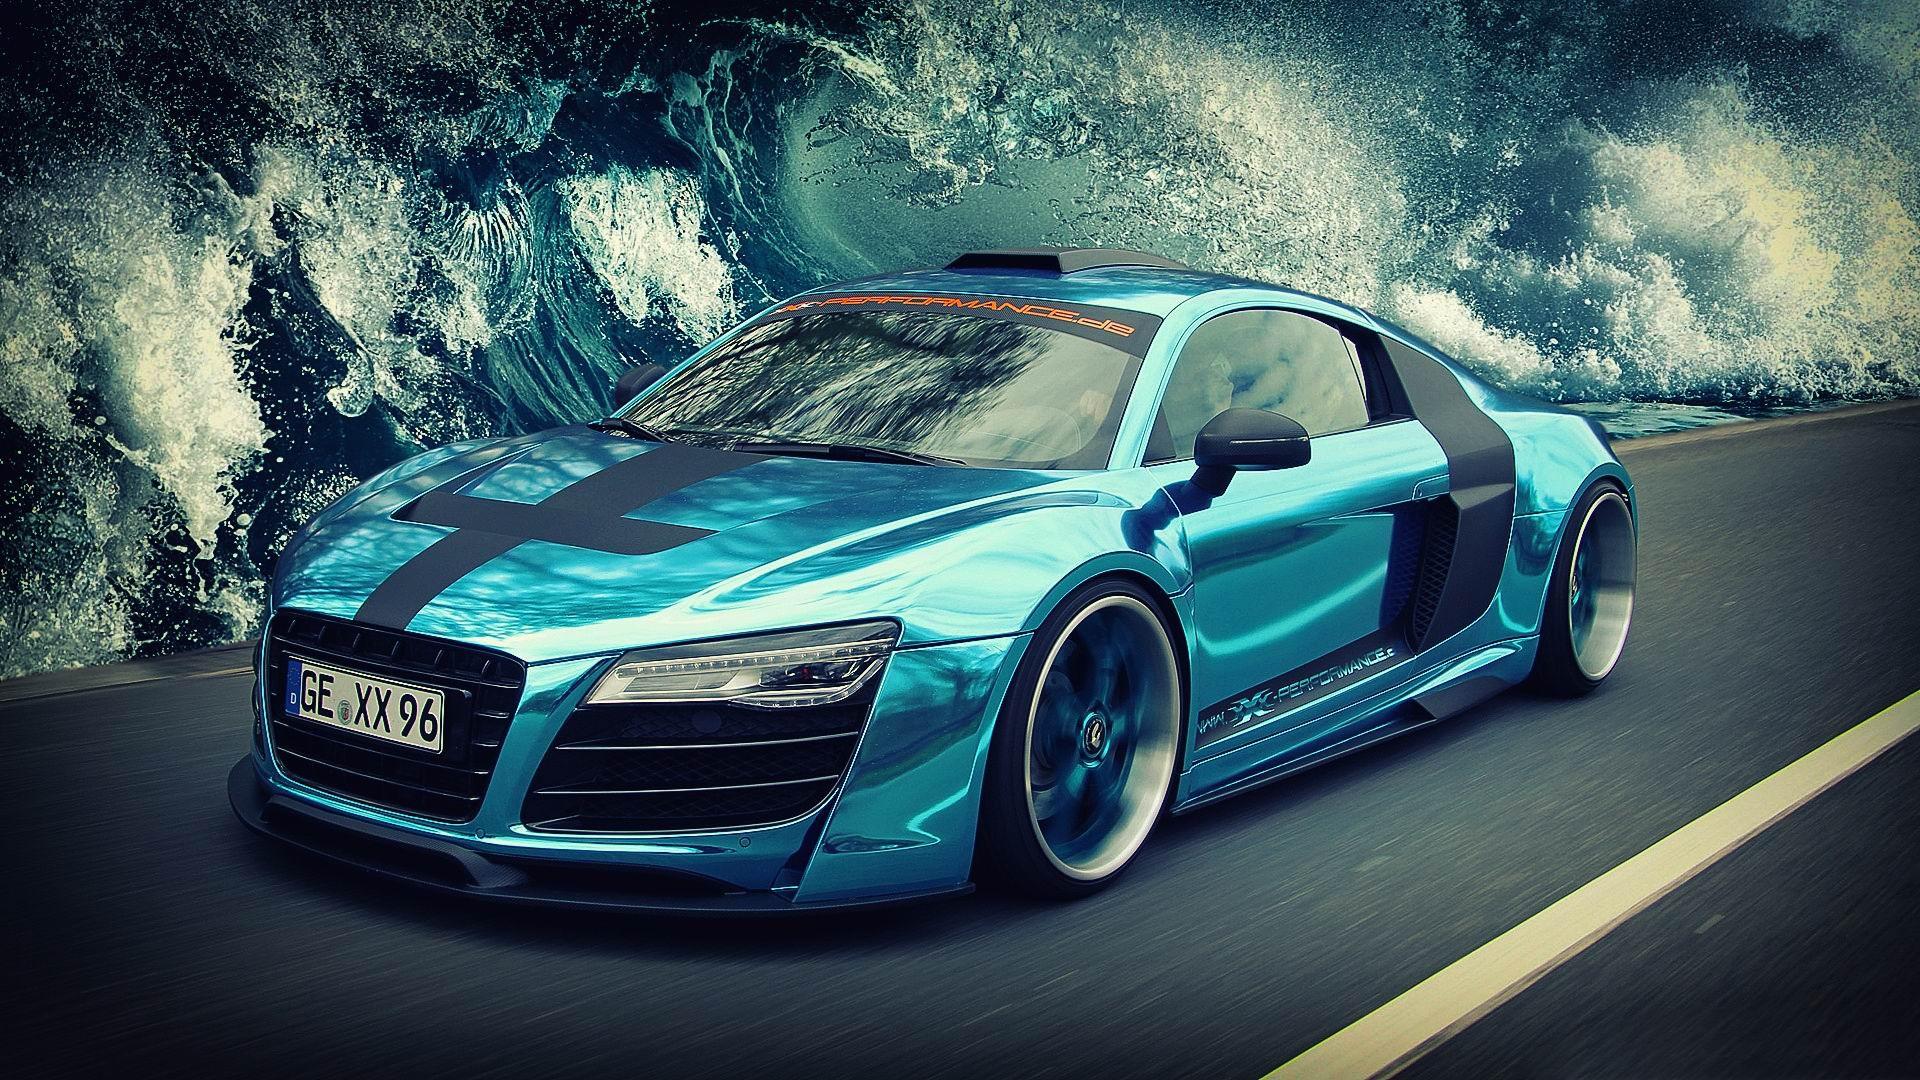 Audi 666 voitures hd fond d 39 cran 1920x1080 t l chargement for Fond ecran voiture sport